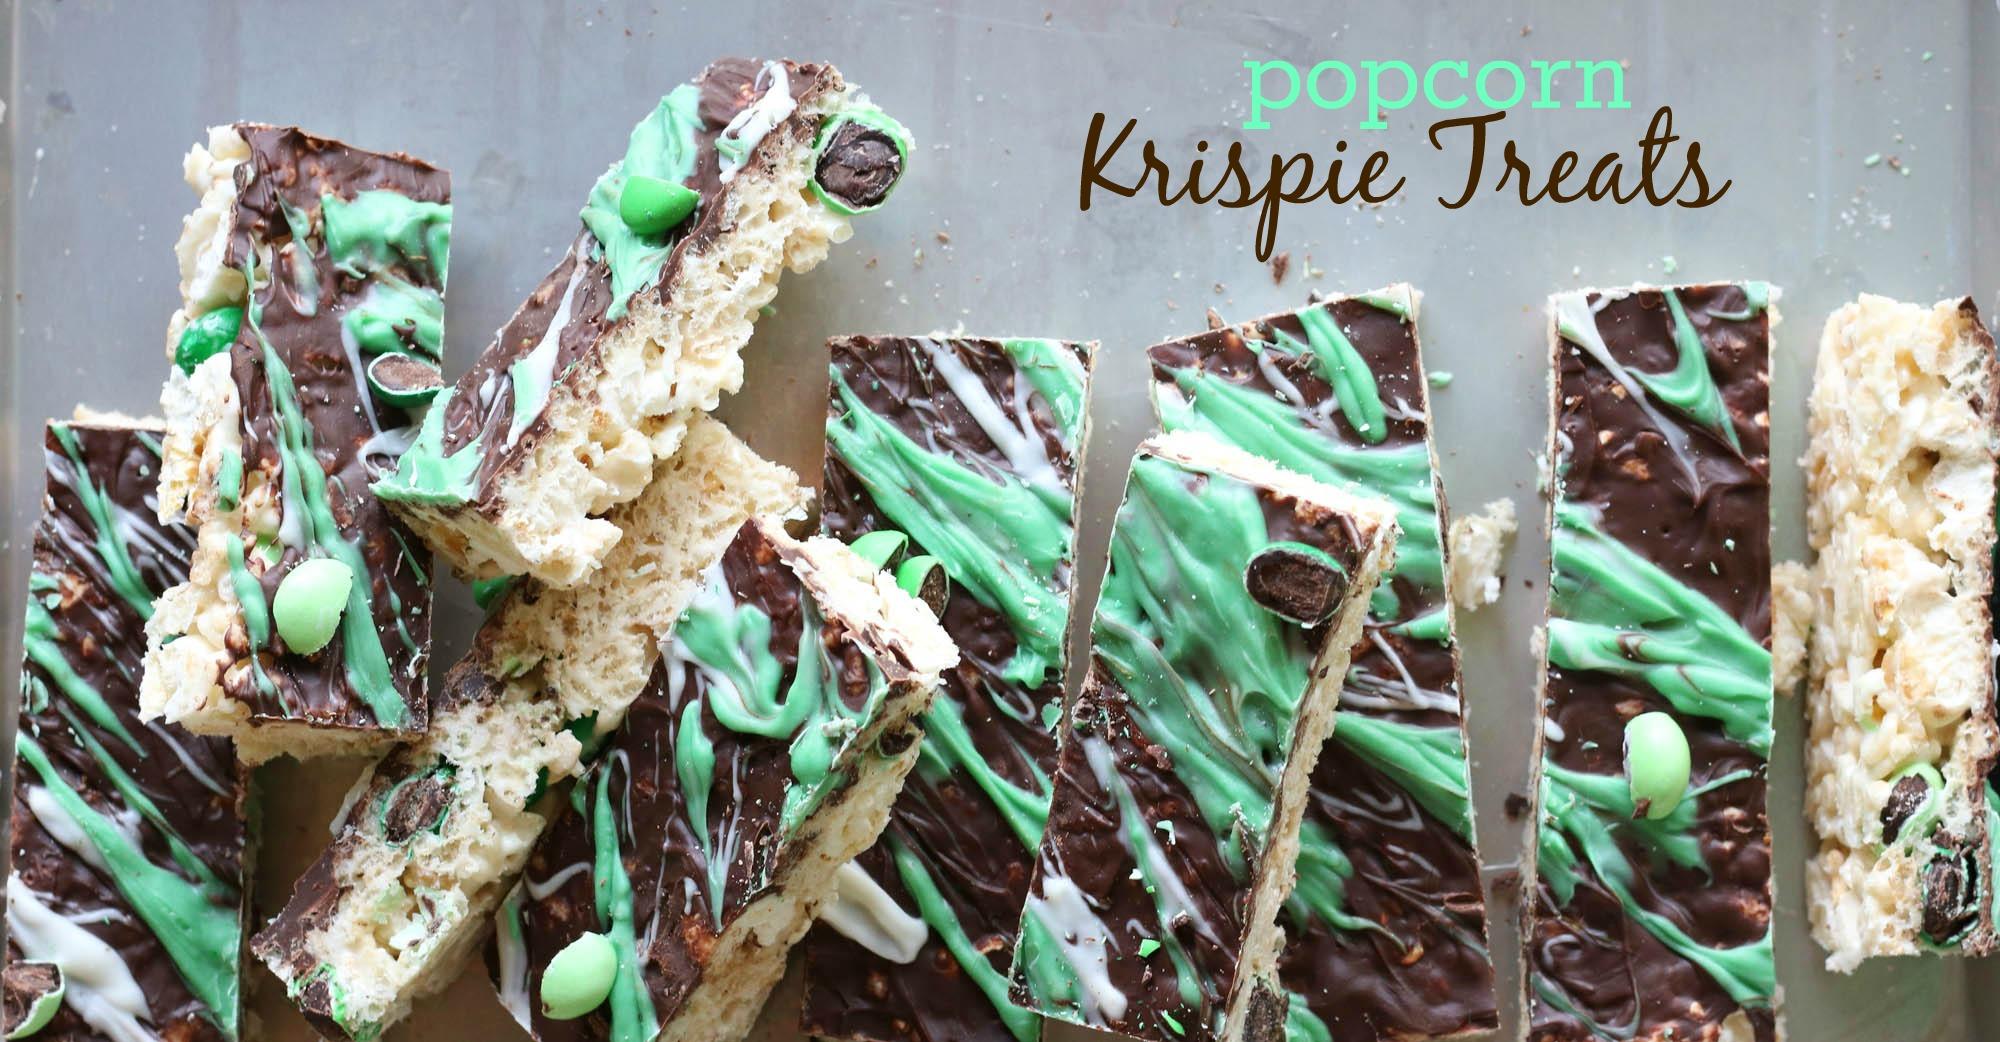 popcorn-krispie-treats-2b